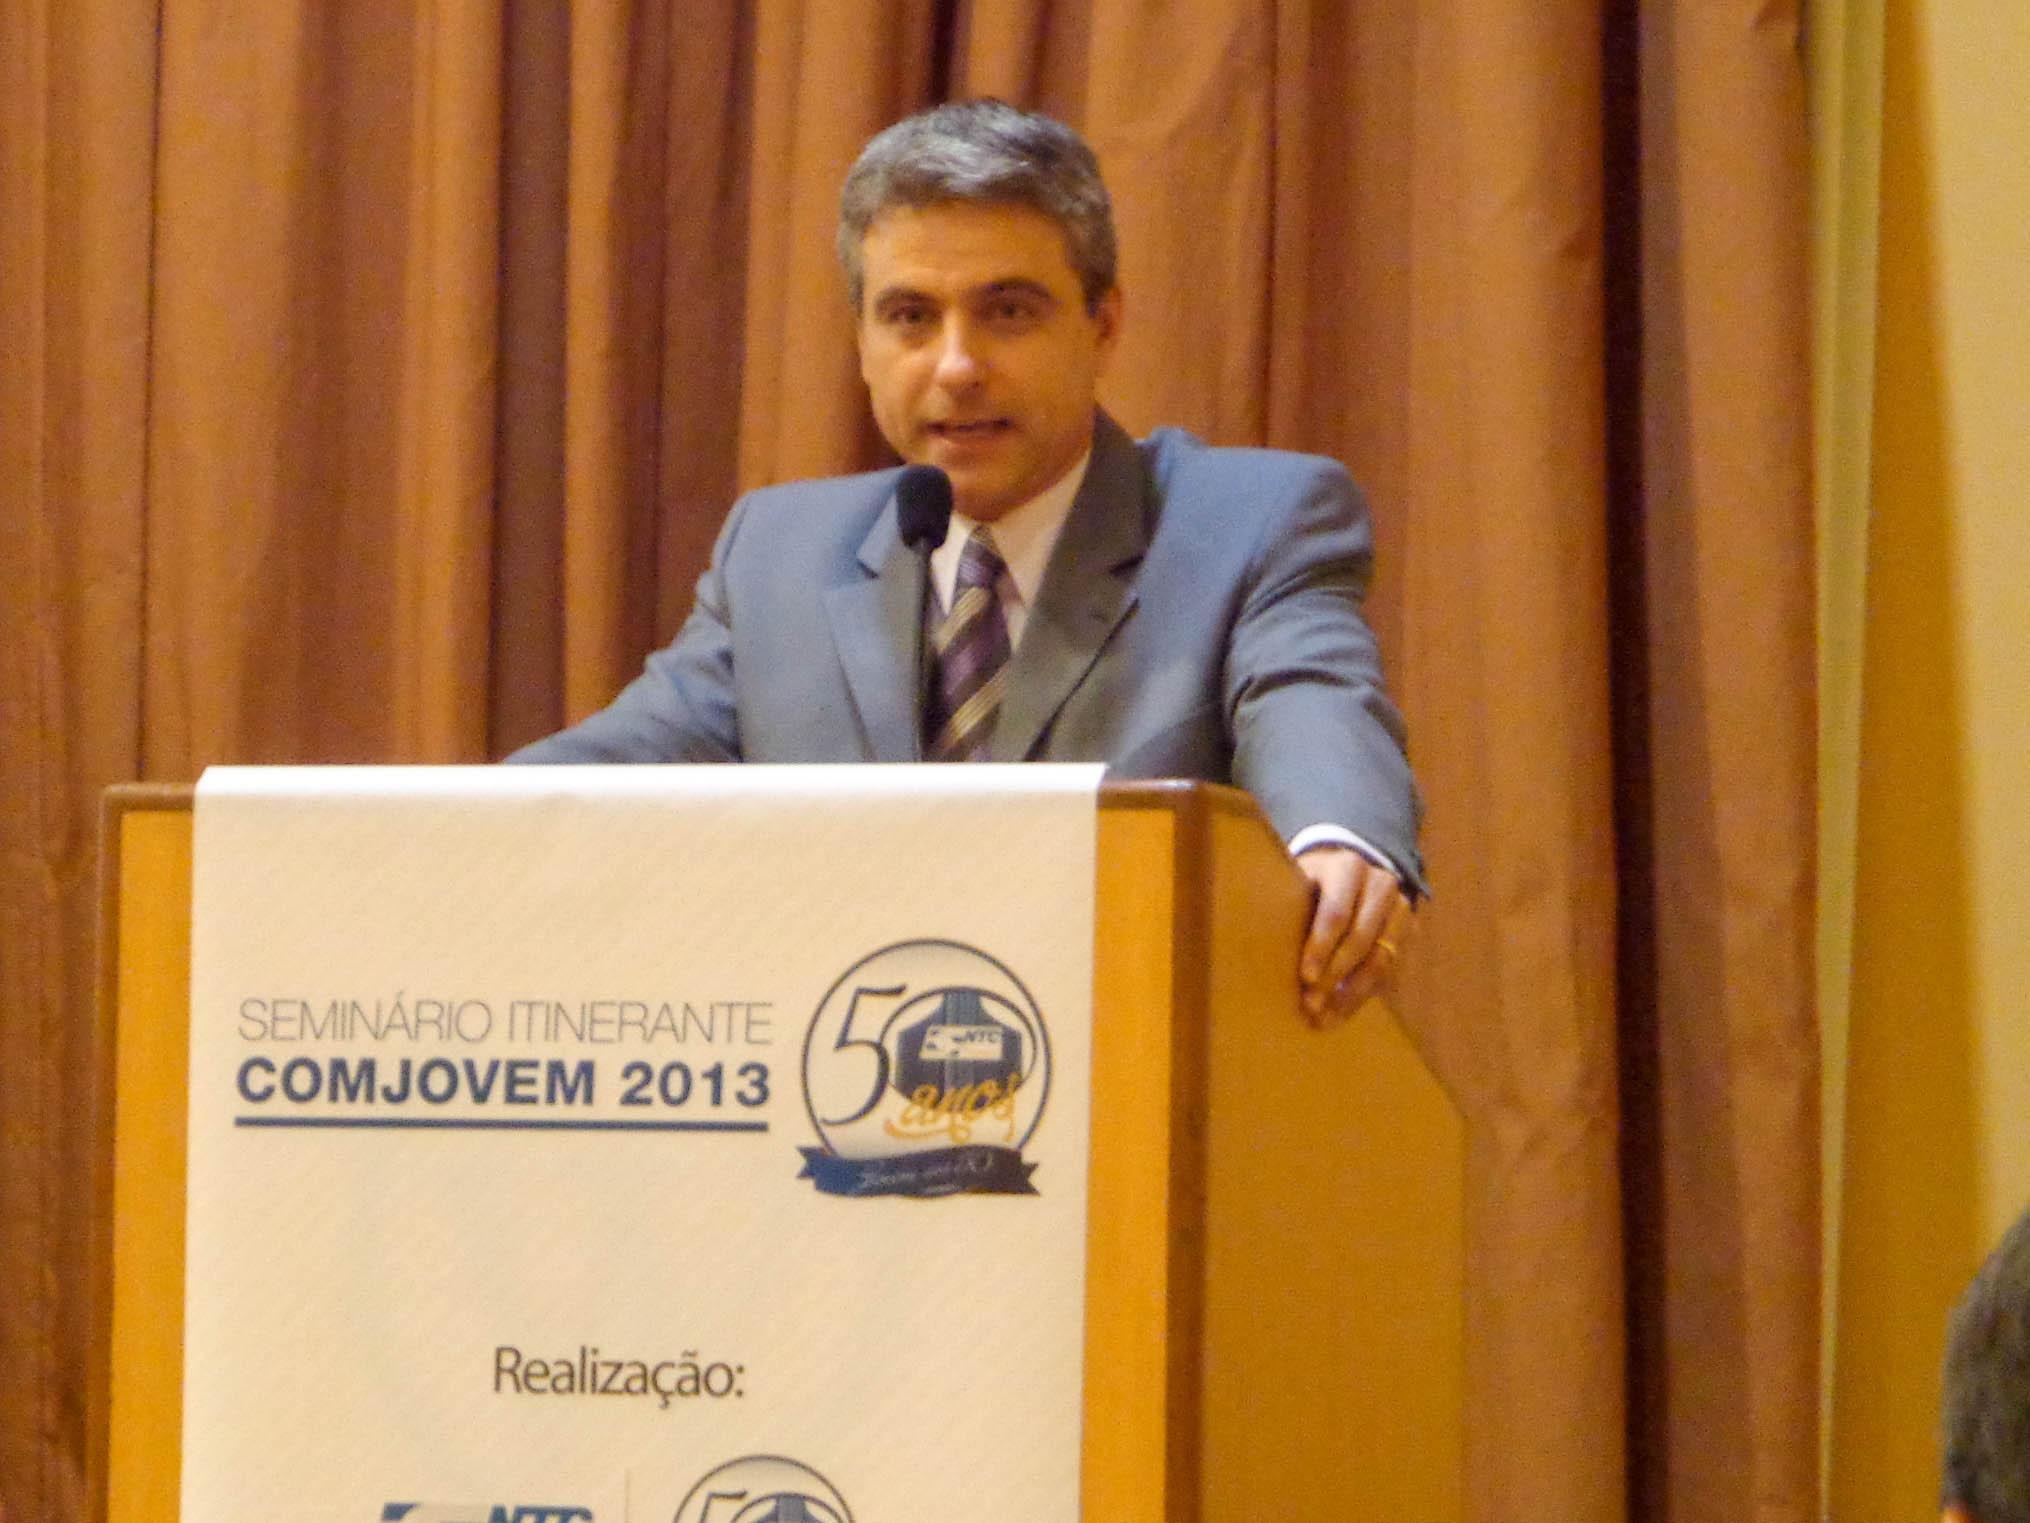 Seminário Itinerante COMJOVEM promove debate sobre custos operacionais na área do transporte